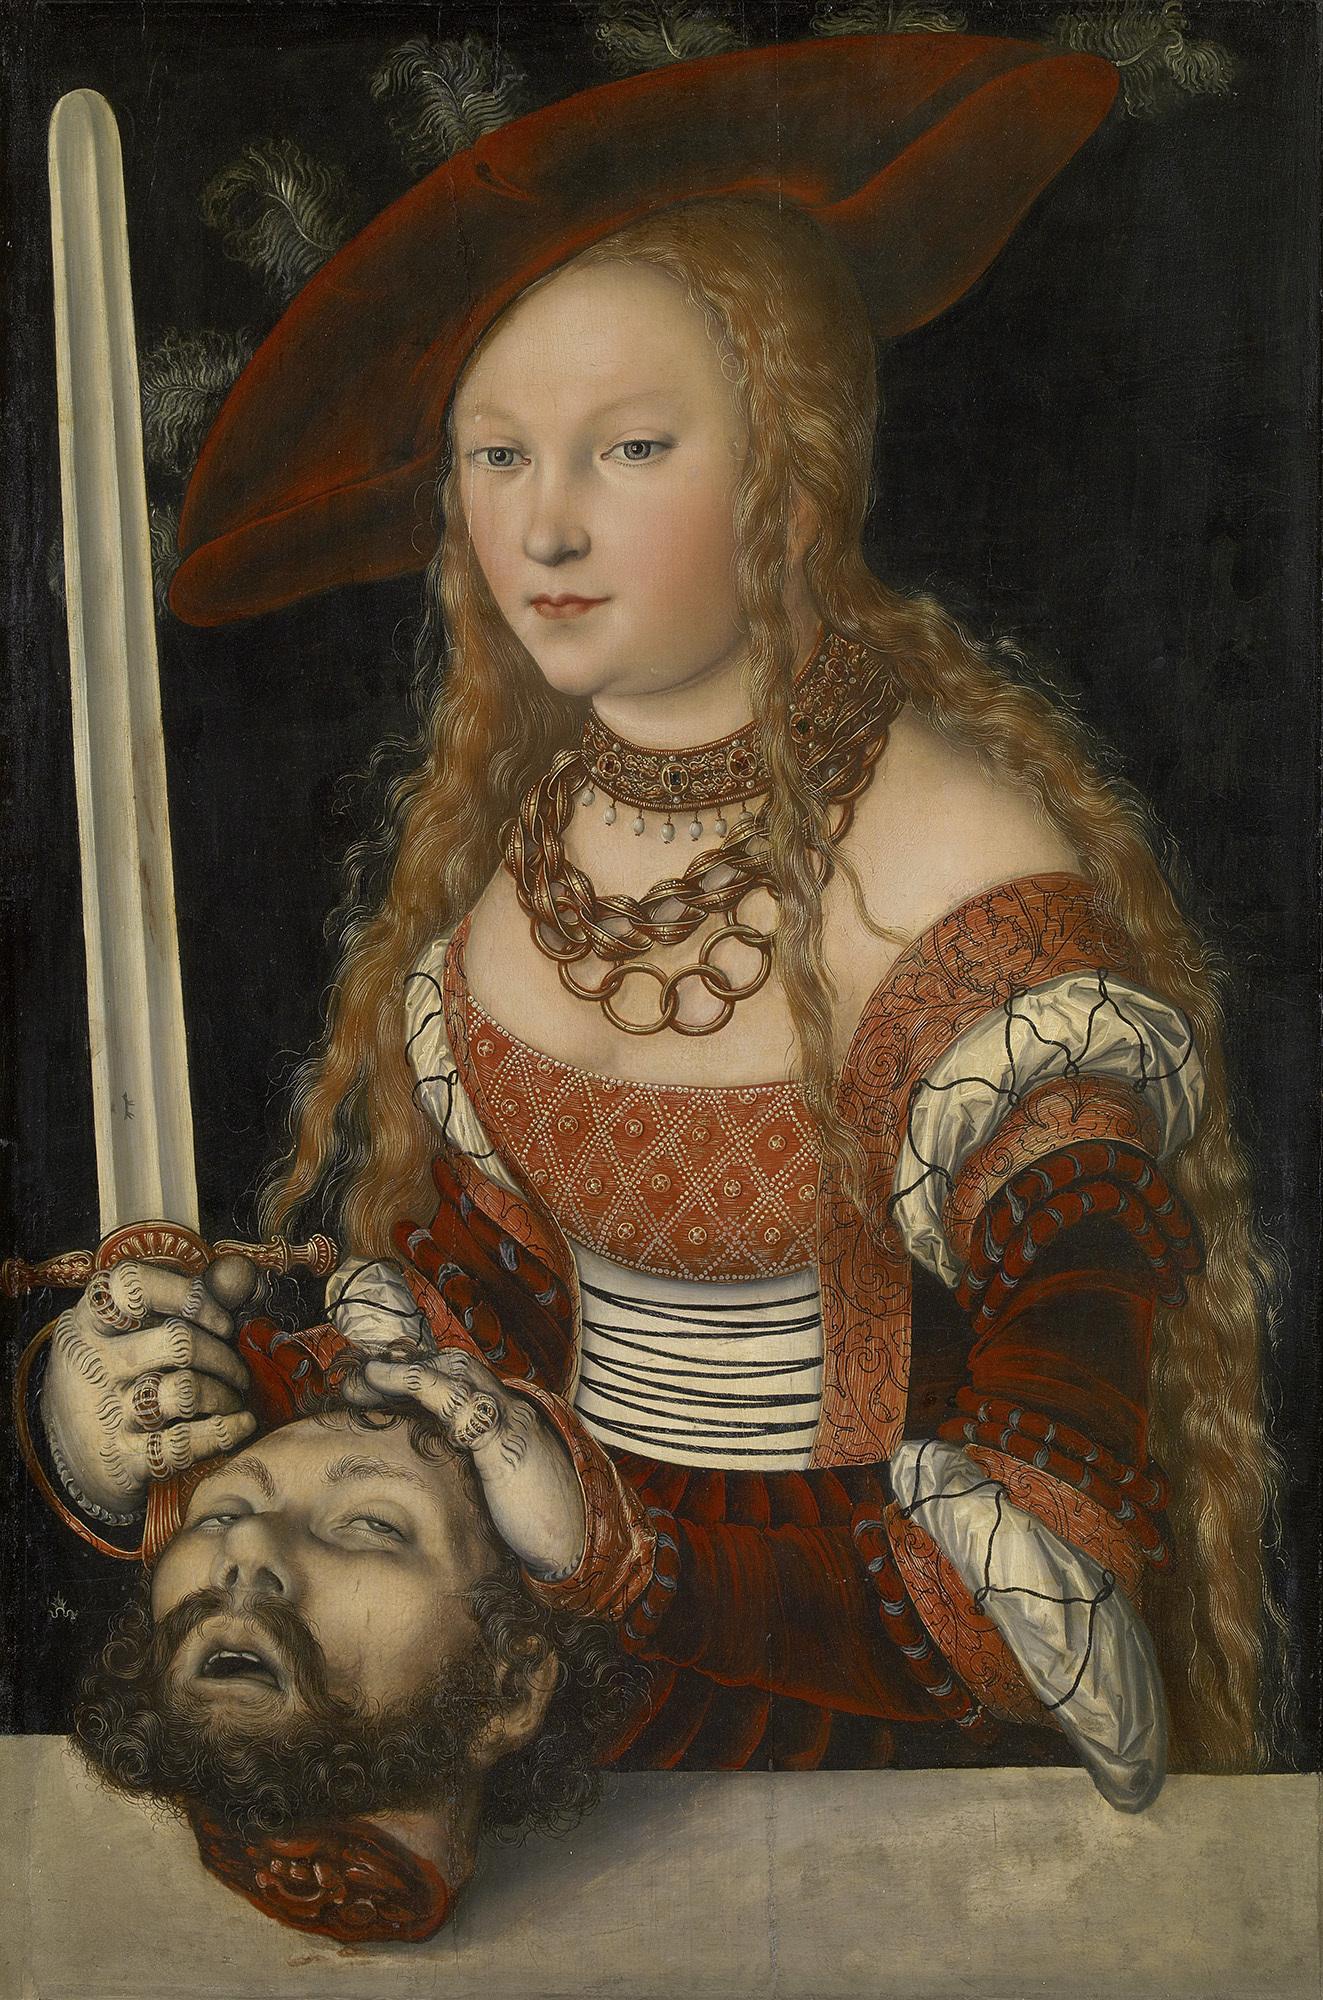 《ホロフェルネスの首を持つユディト》 ルカス・クラーナハ(父) 1530年頃 ウィーン美術史美術館 ©KHM Museumsverband